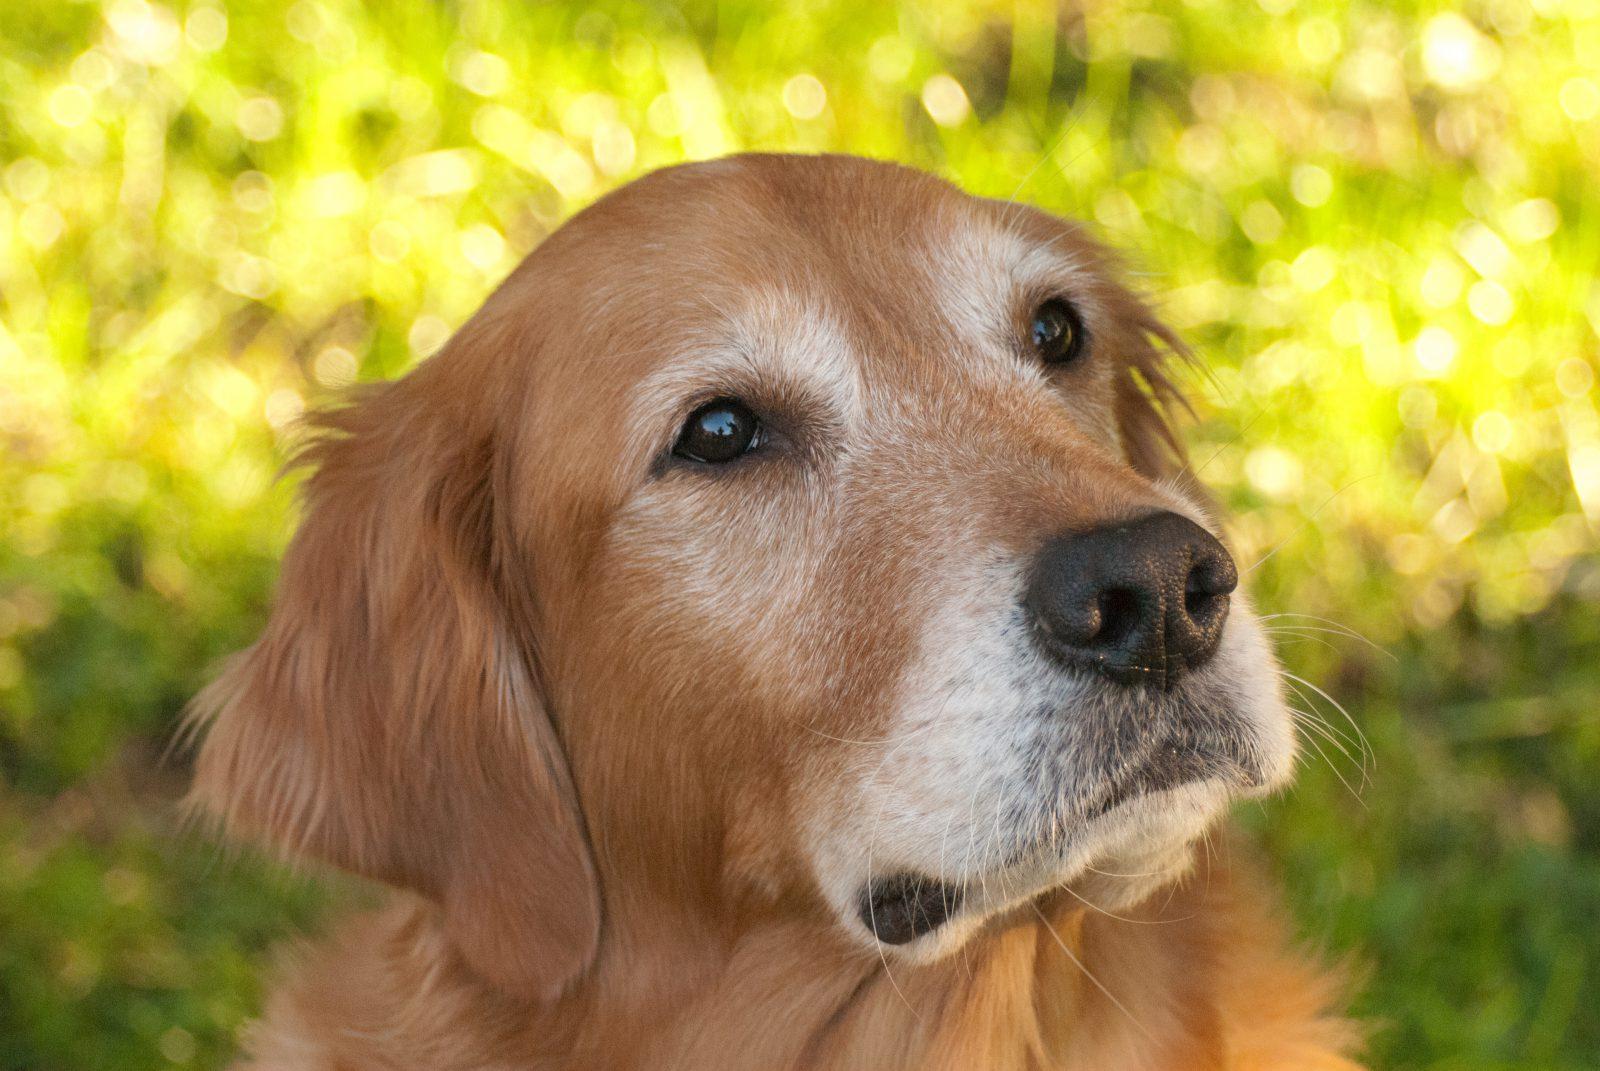 razoes-adotar-cachorro-mais-velho-menos-exigente